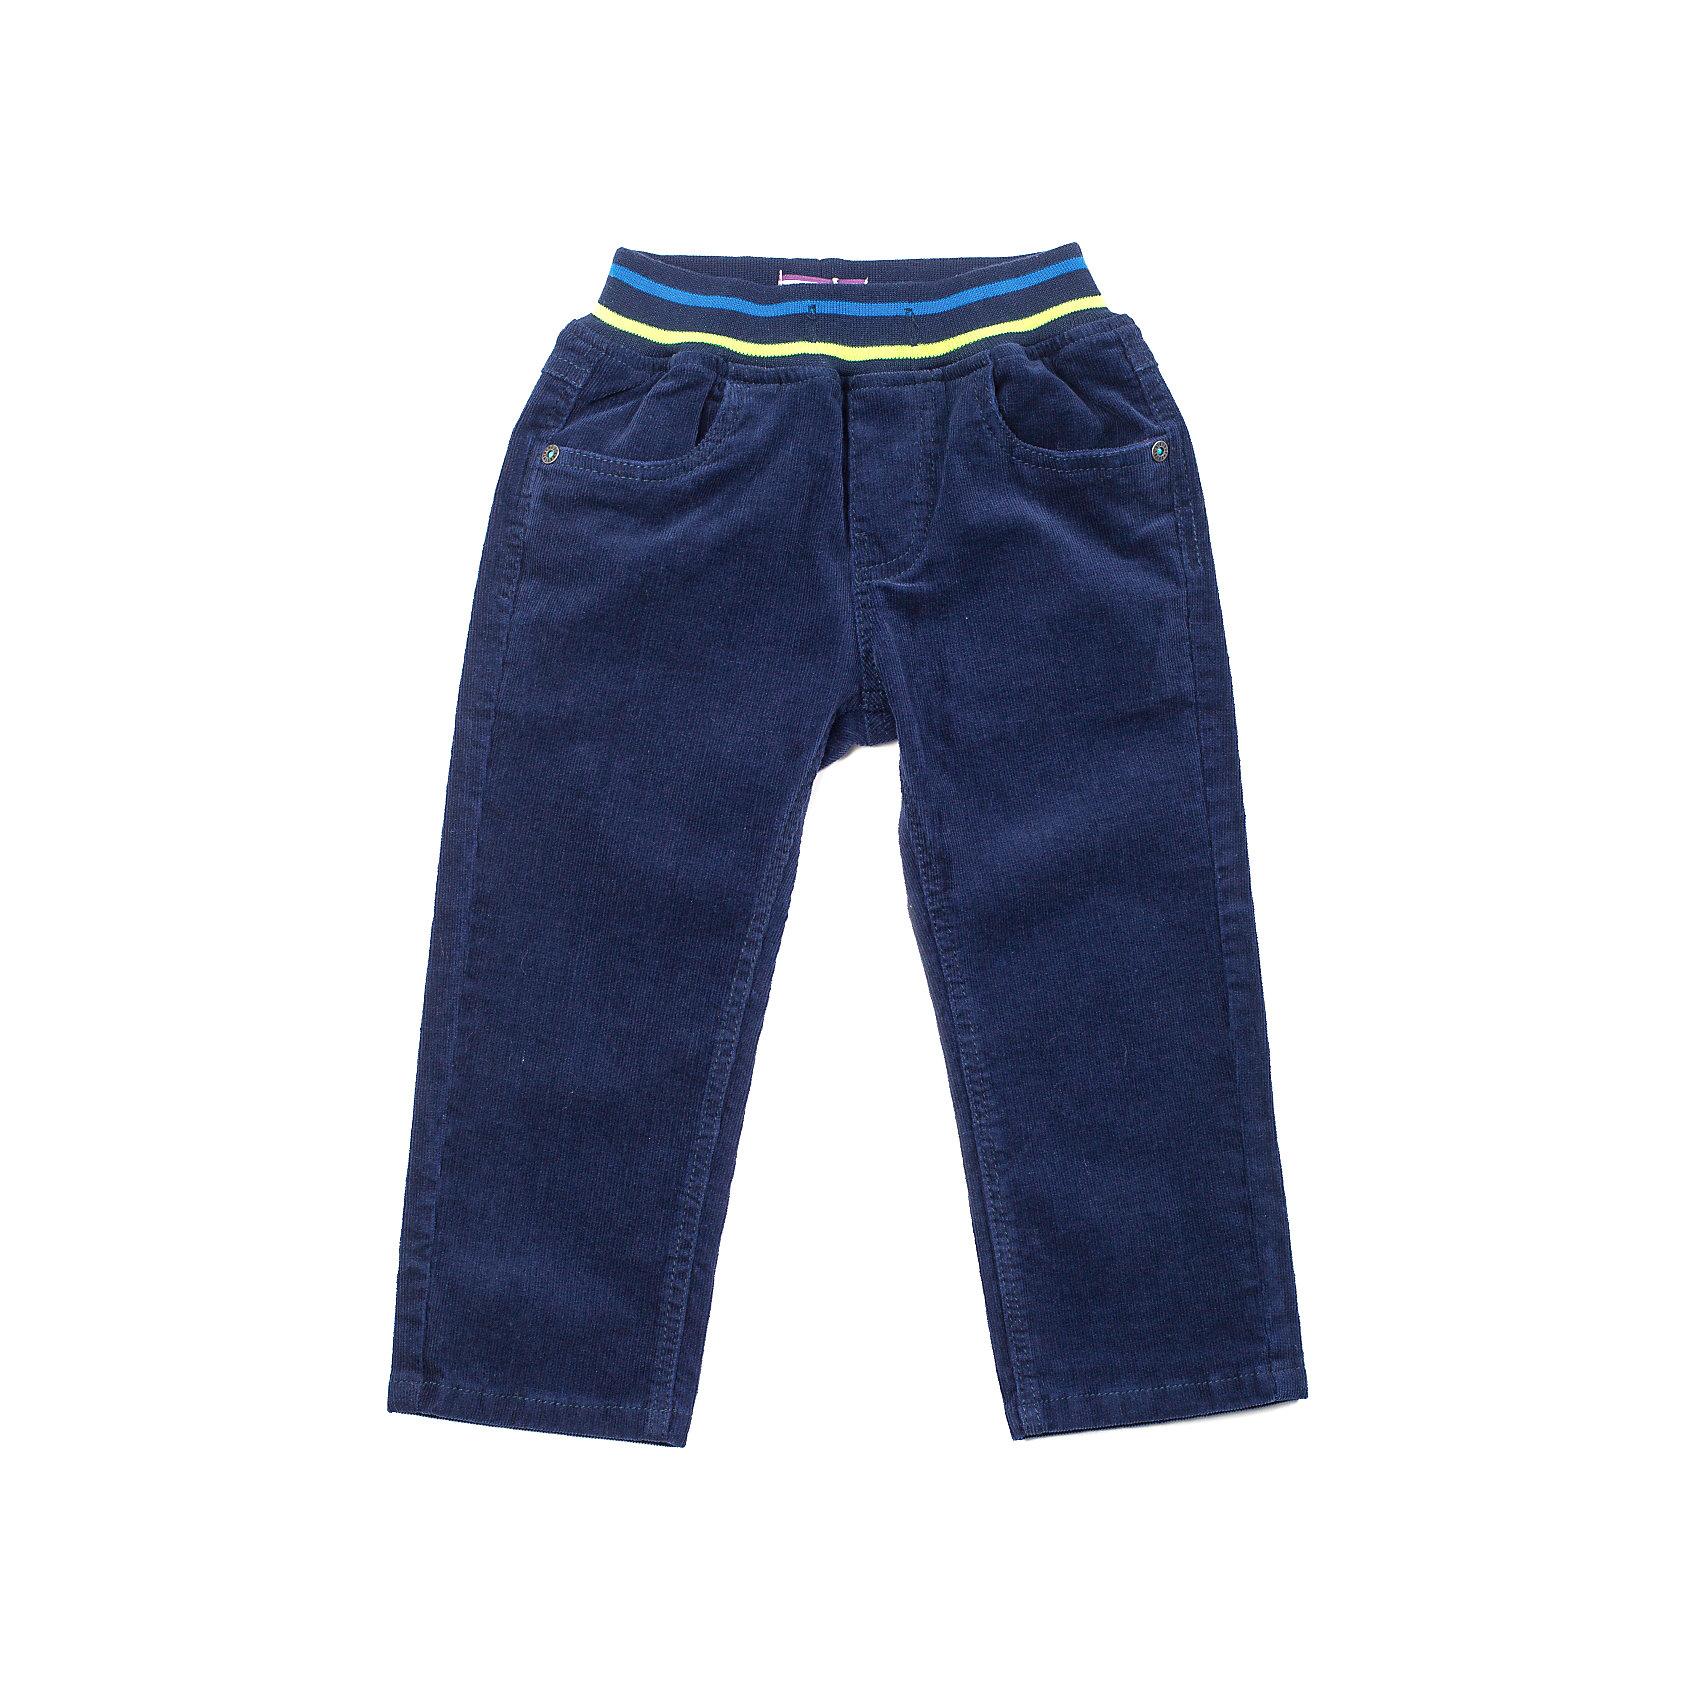 Брюки для мальчика Sweet BerryБрюки вельветовые на мальчика, удобный пояс на рибе с цветными полосками, дополнительно может затягиваться шнурками.<br>Состав:<br>98% хлопок, 2% эластан<br><br>Ширина мм: 215<br>Глубина мм: 88<br>Высота мм: 191<br>Вес г: 336<br>Цвет: синий<br>Возраст от месяцев: 9<br>Возраст до месяцев: 12<br>Пол: Мужской<br>Возраст: Детский<br>Размер: 80,86,92,98<br>SKU: 4273232